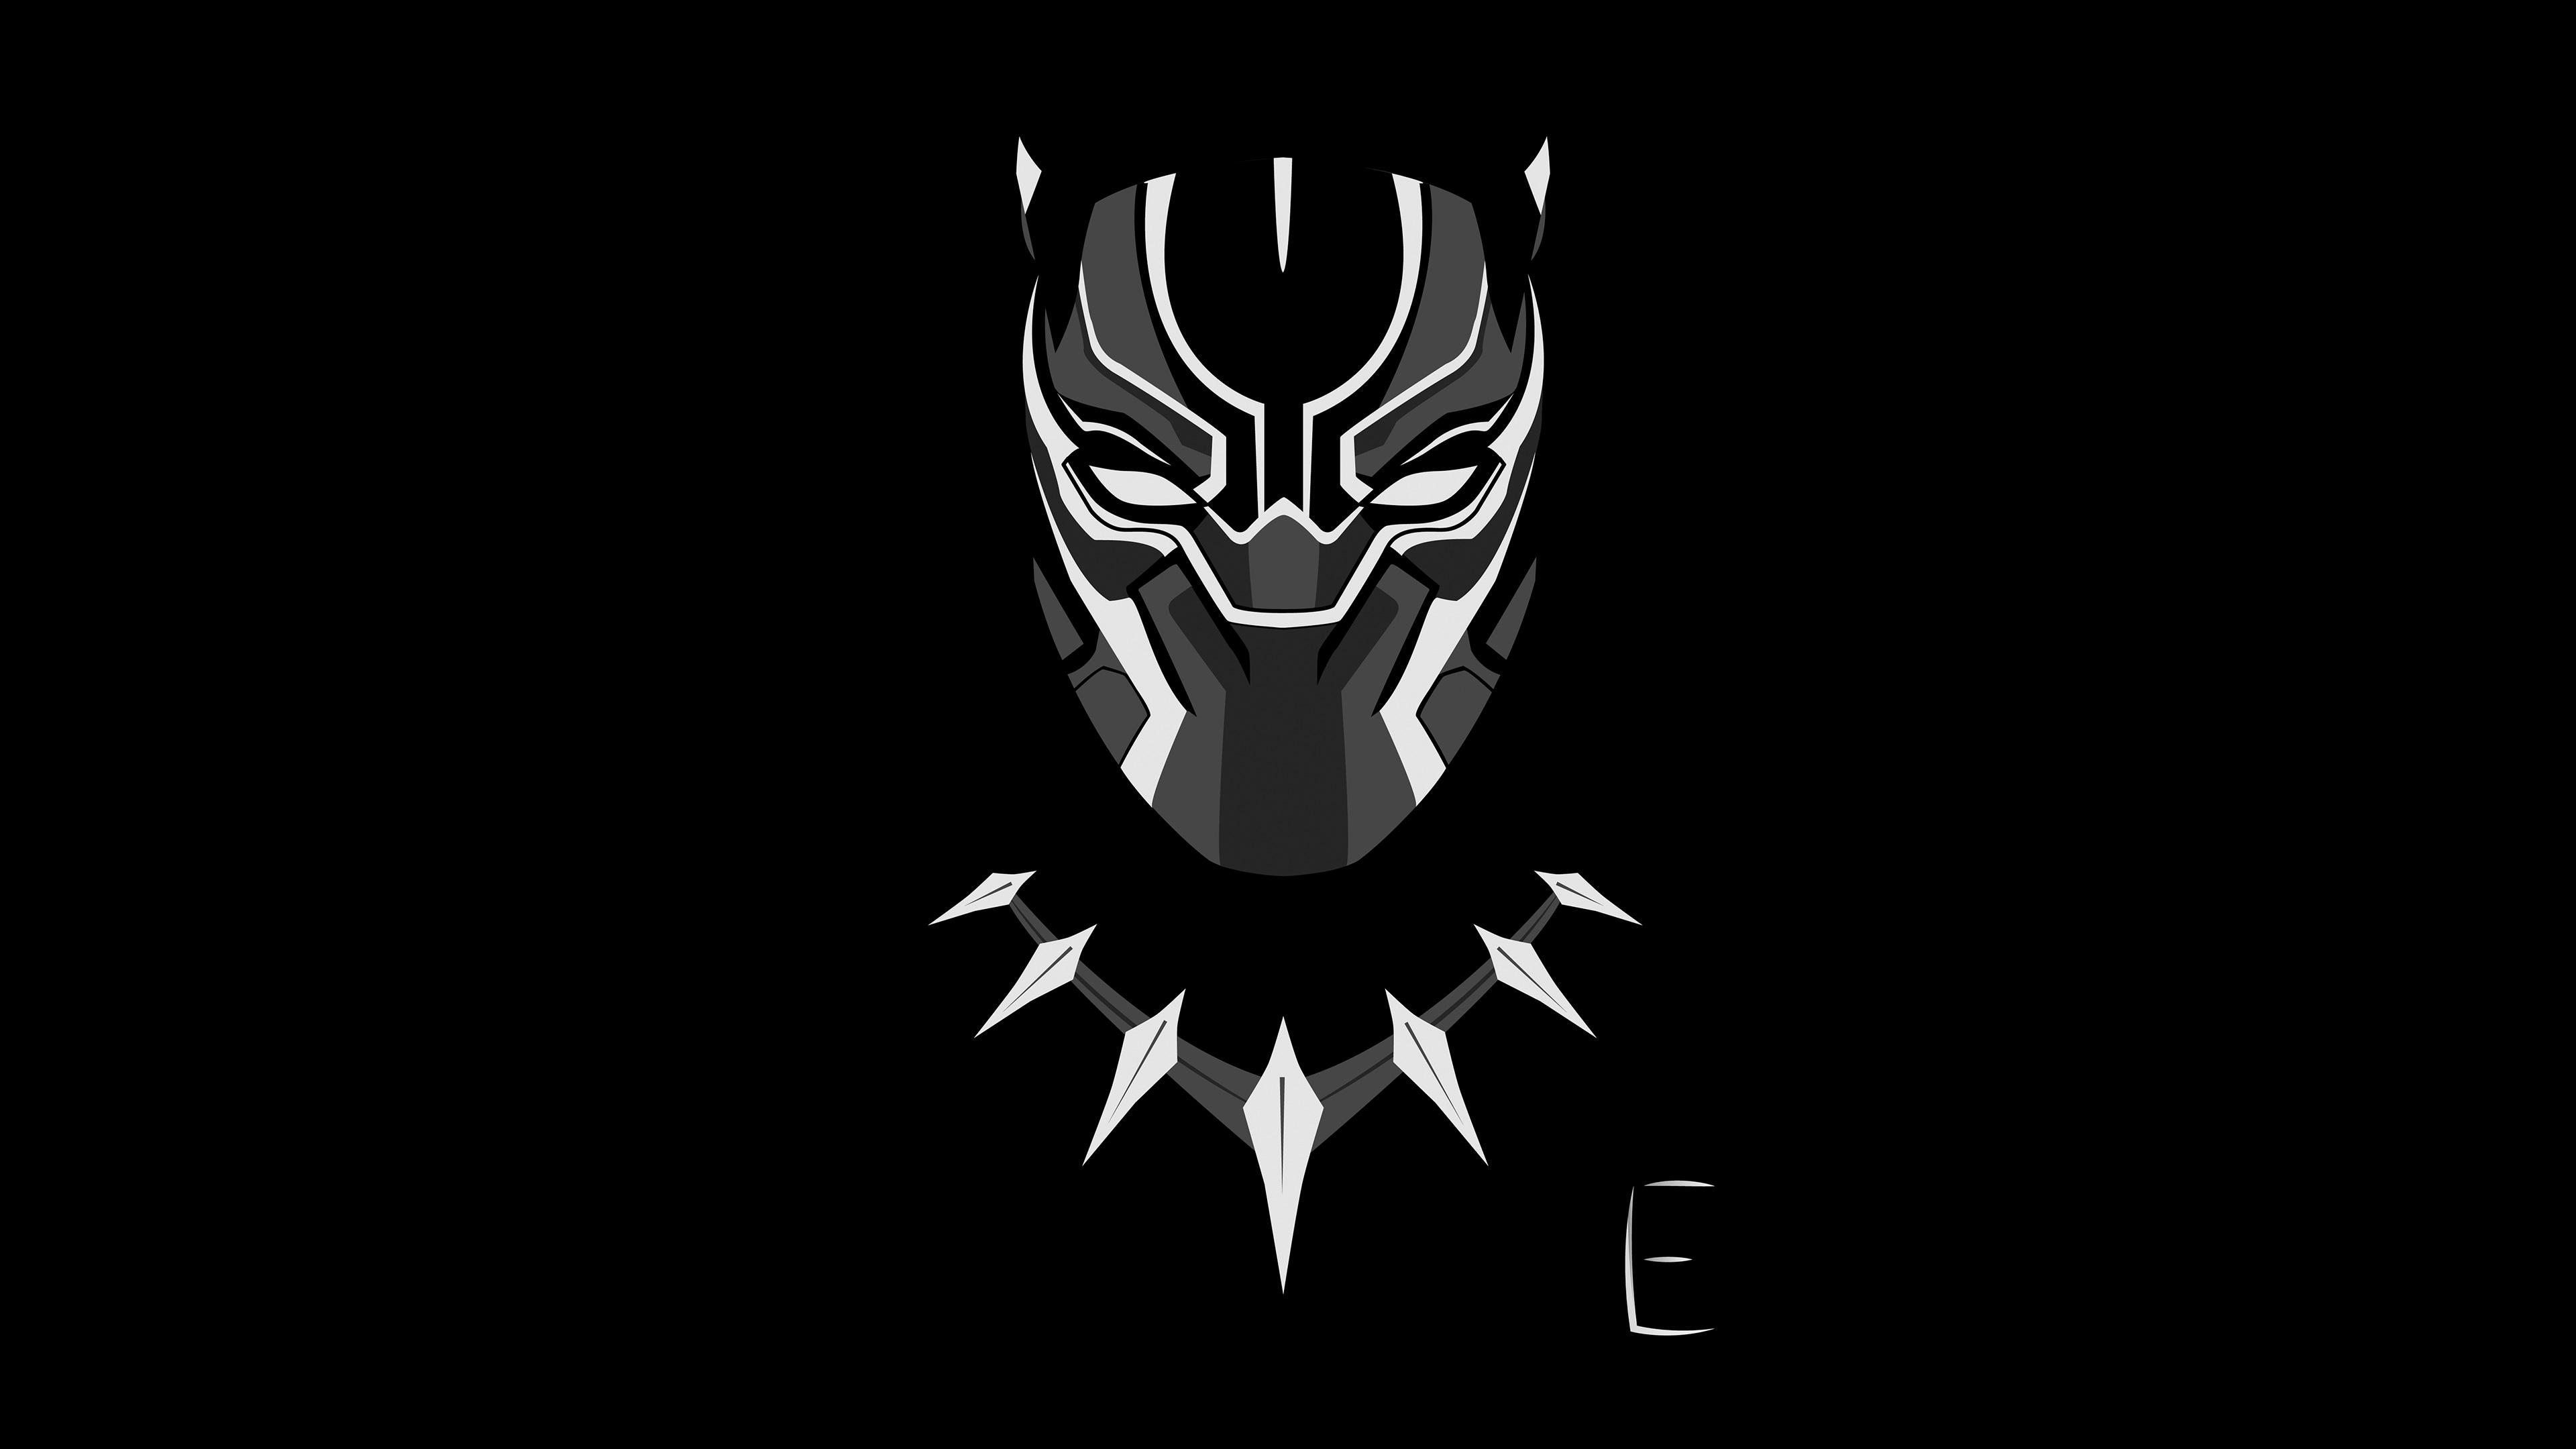 black panther minimalism 4k 1540749700 - Black Panther Minimalism 4k - minimalism wallpapers, hd-wallpapers, digital art wallpapers, black panther wallpapers, artwork wallpapers, artist wallpapers, 4k-wallpapers